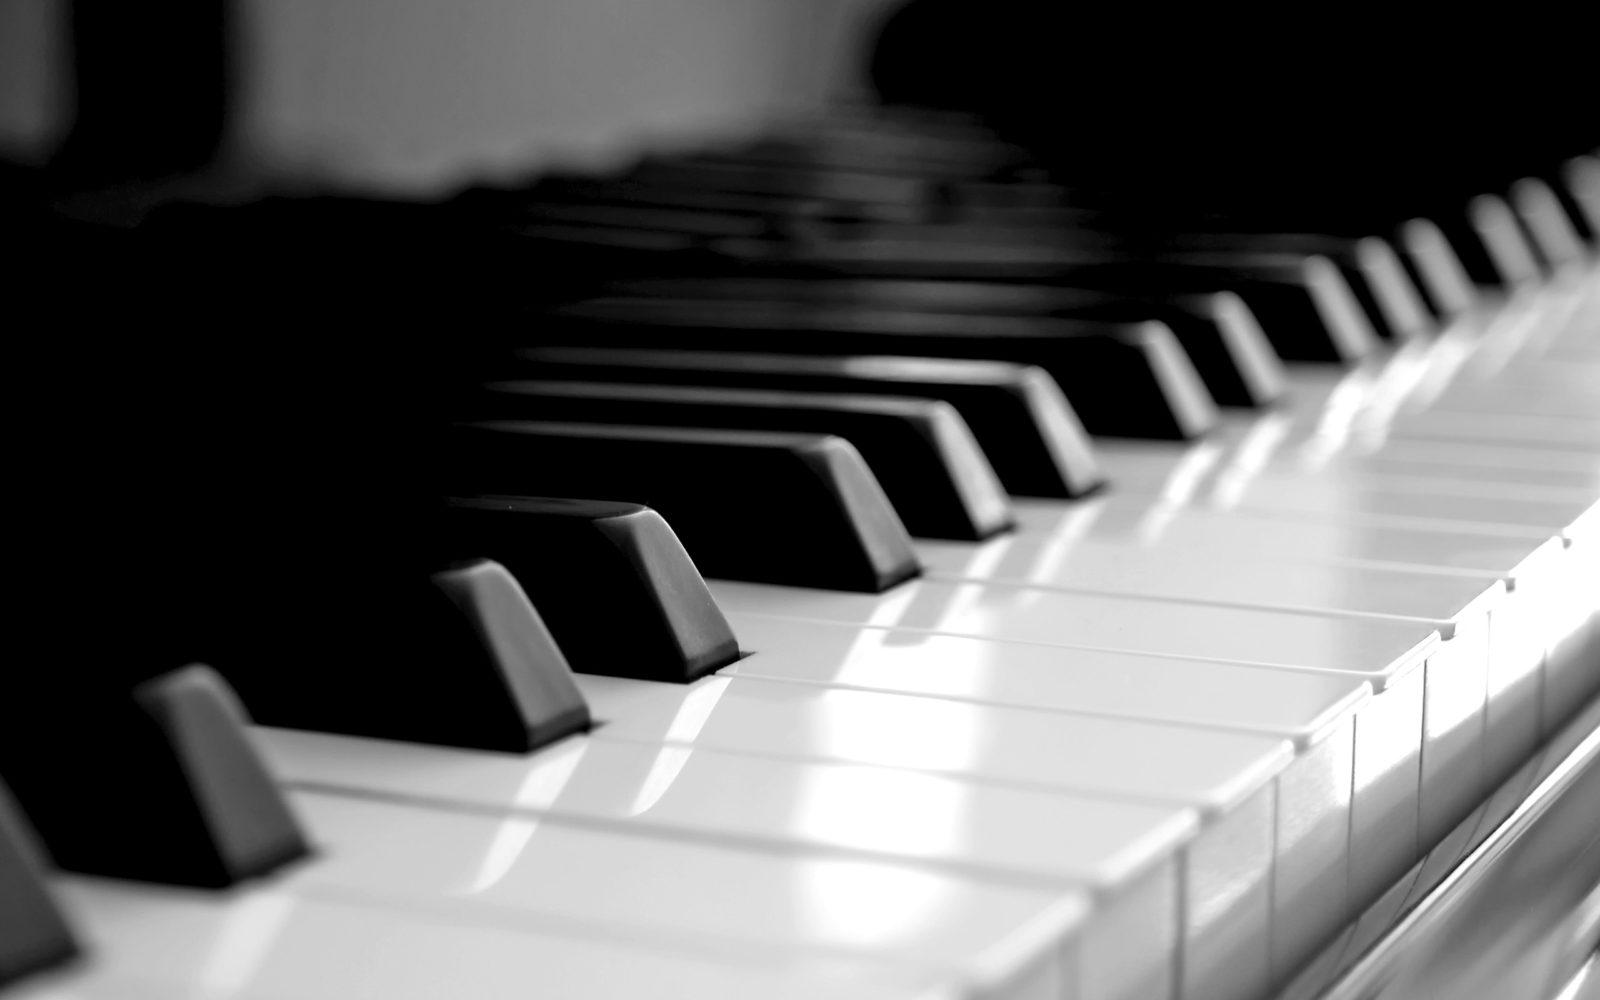 ピアノの静かな曲